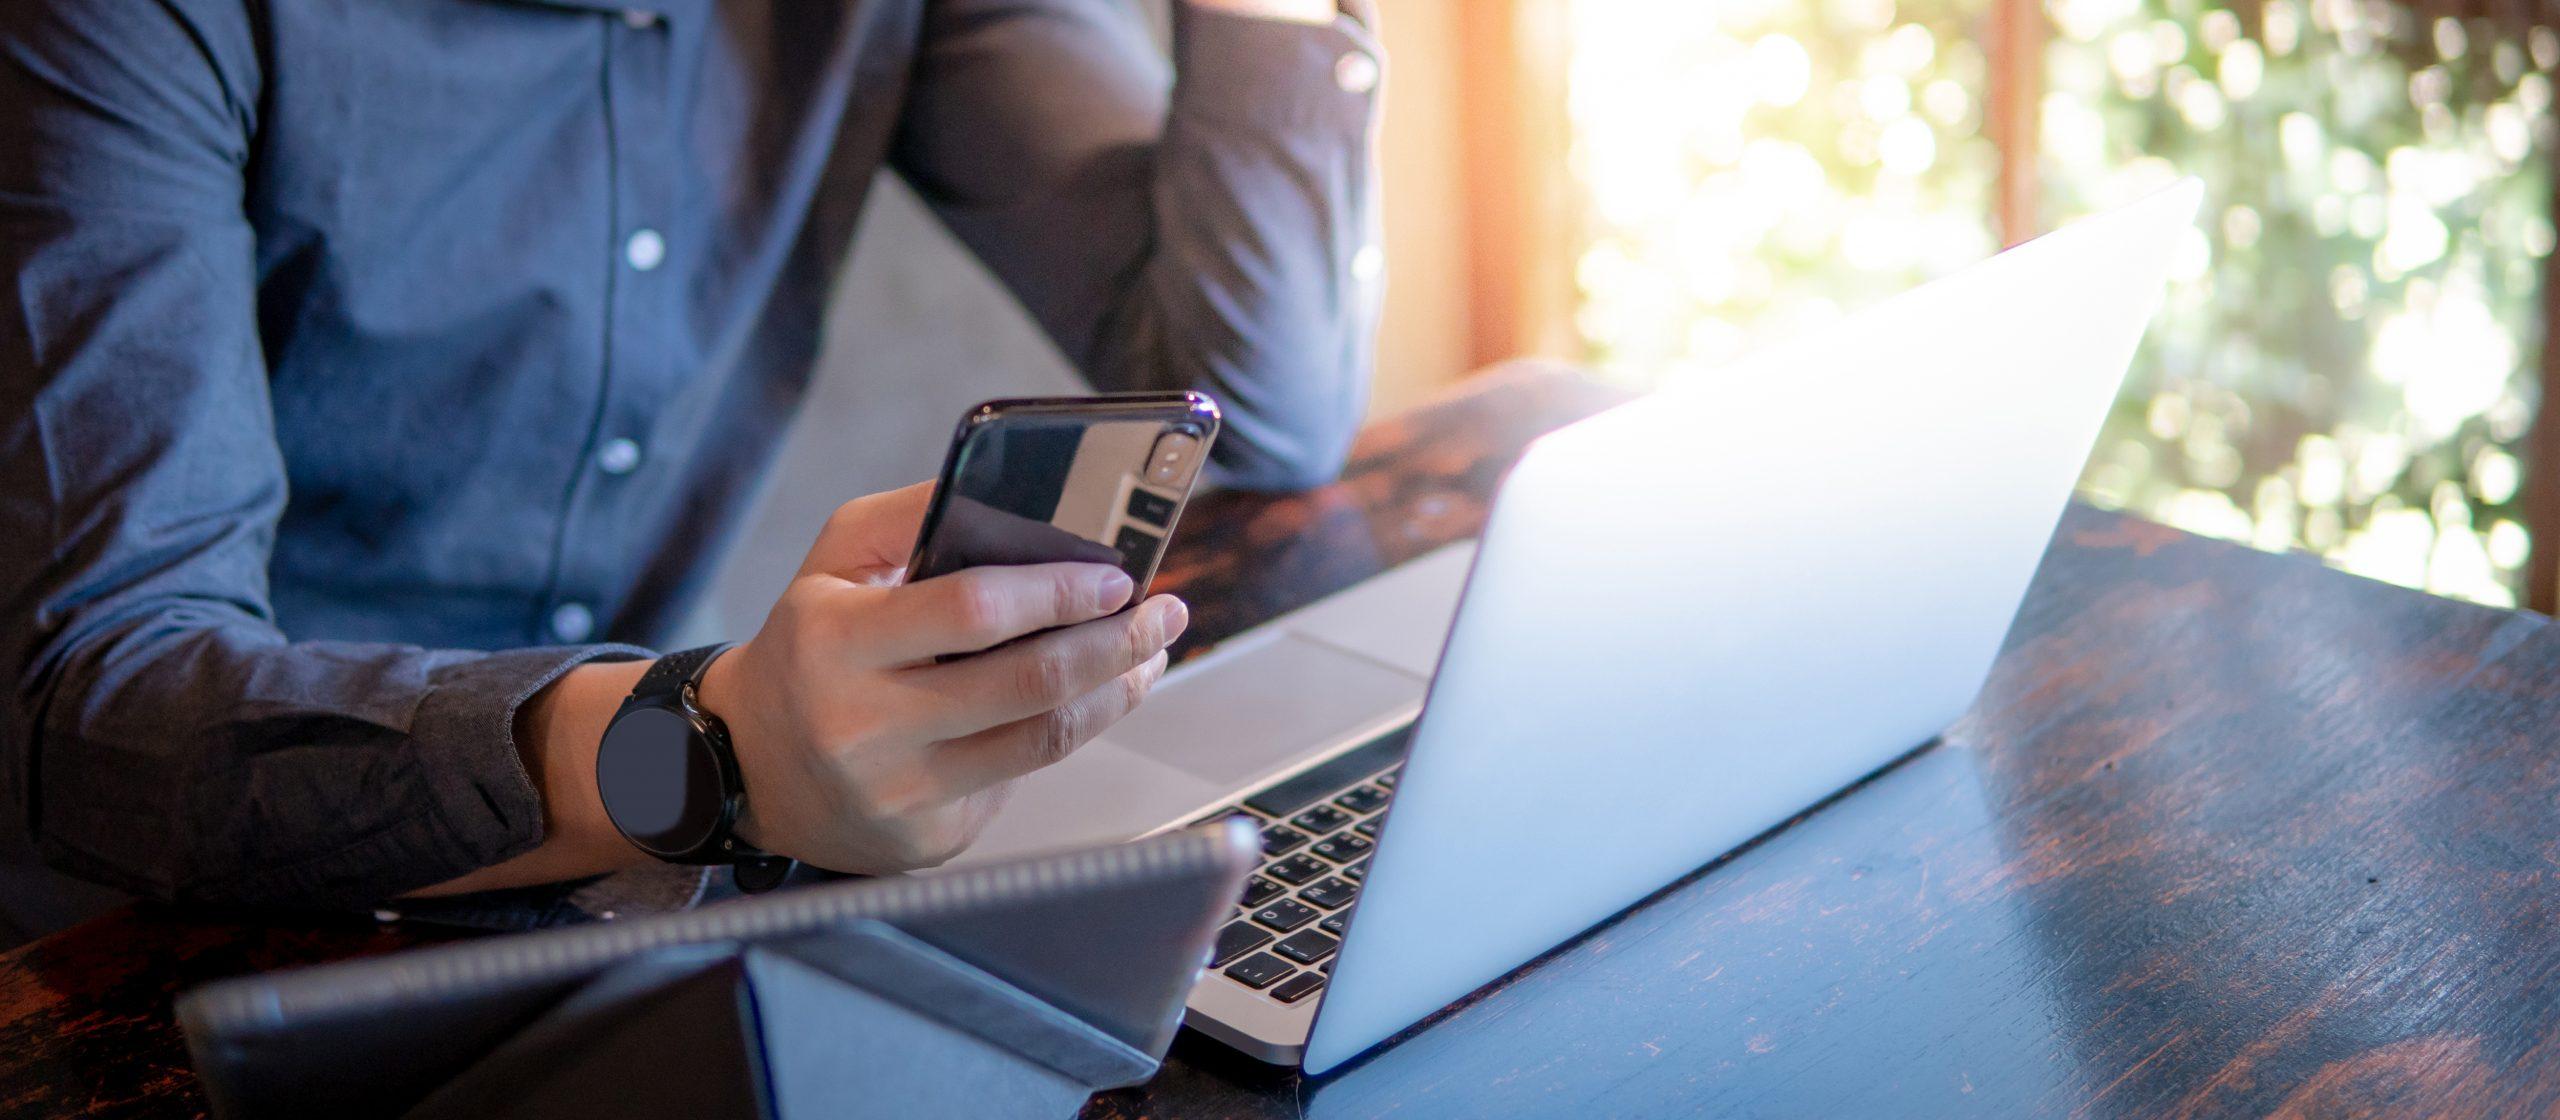 Collaborateur OGI travaillant sur son ordinateur